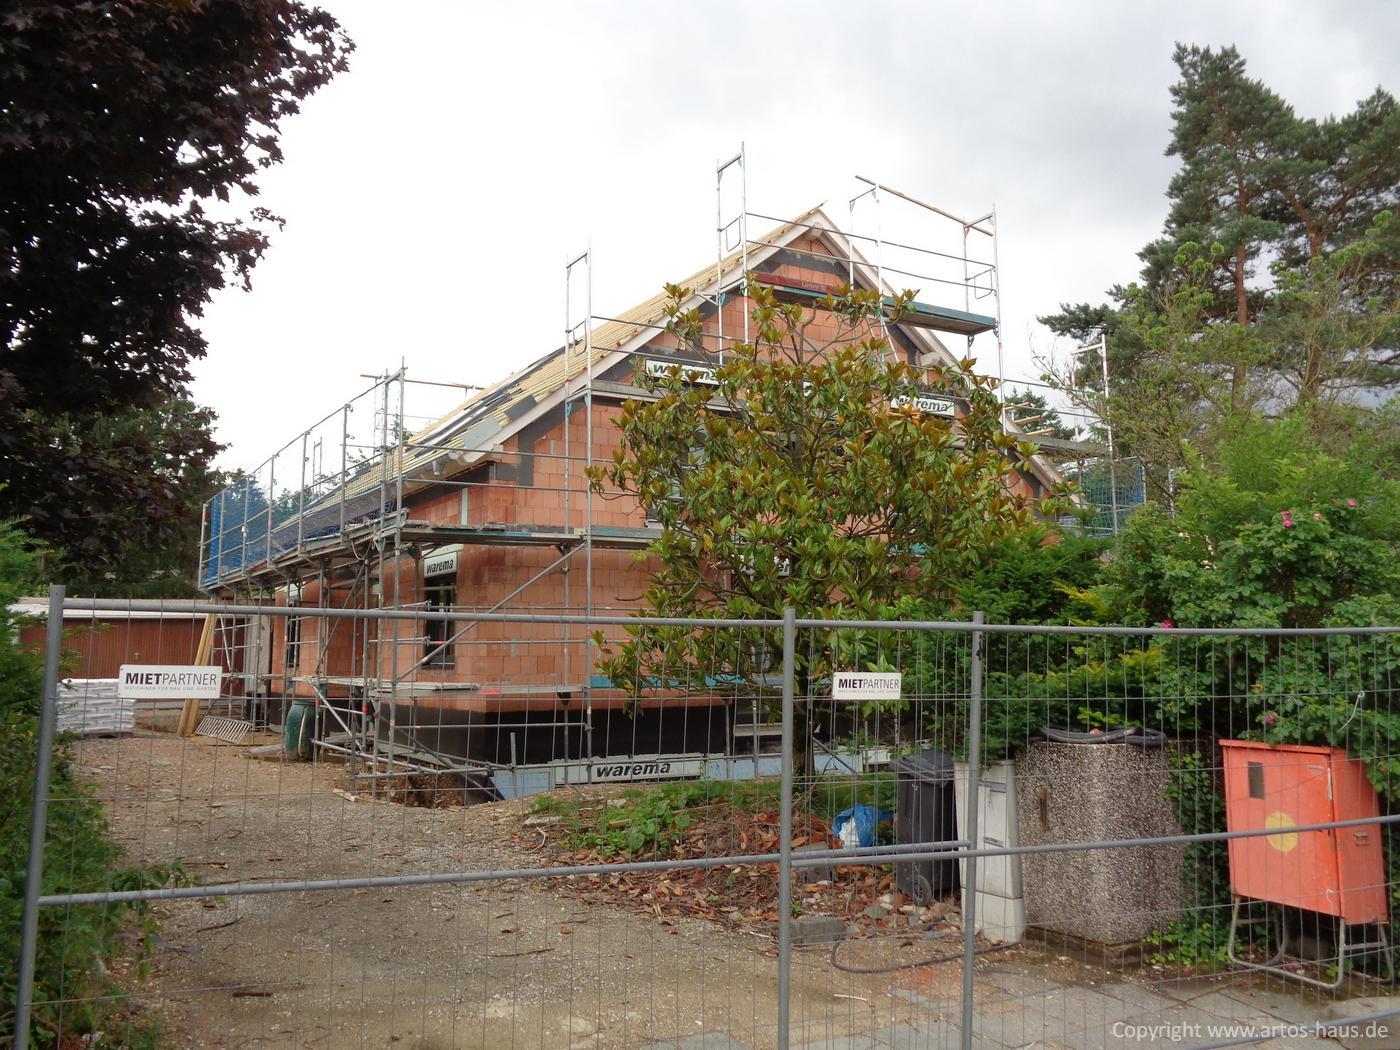 Dacheindeckung Juli 2021 ein ARTOS-HAUS Bauvorhaben Bild 2